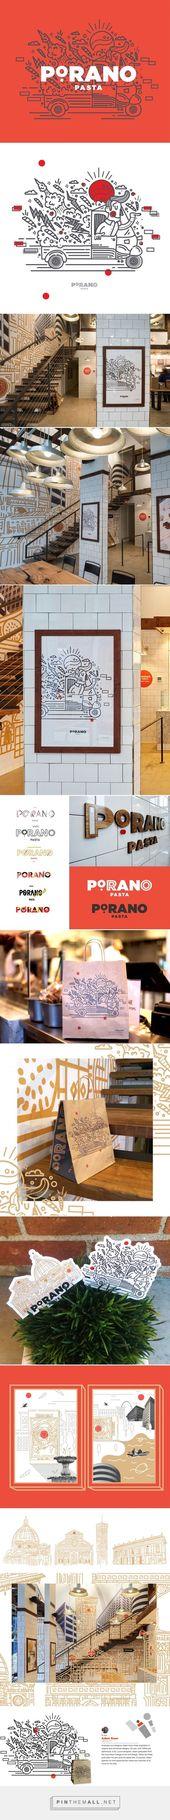 Porano en Behance – creado a través de pinthemall.net:   – brand identity